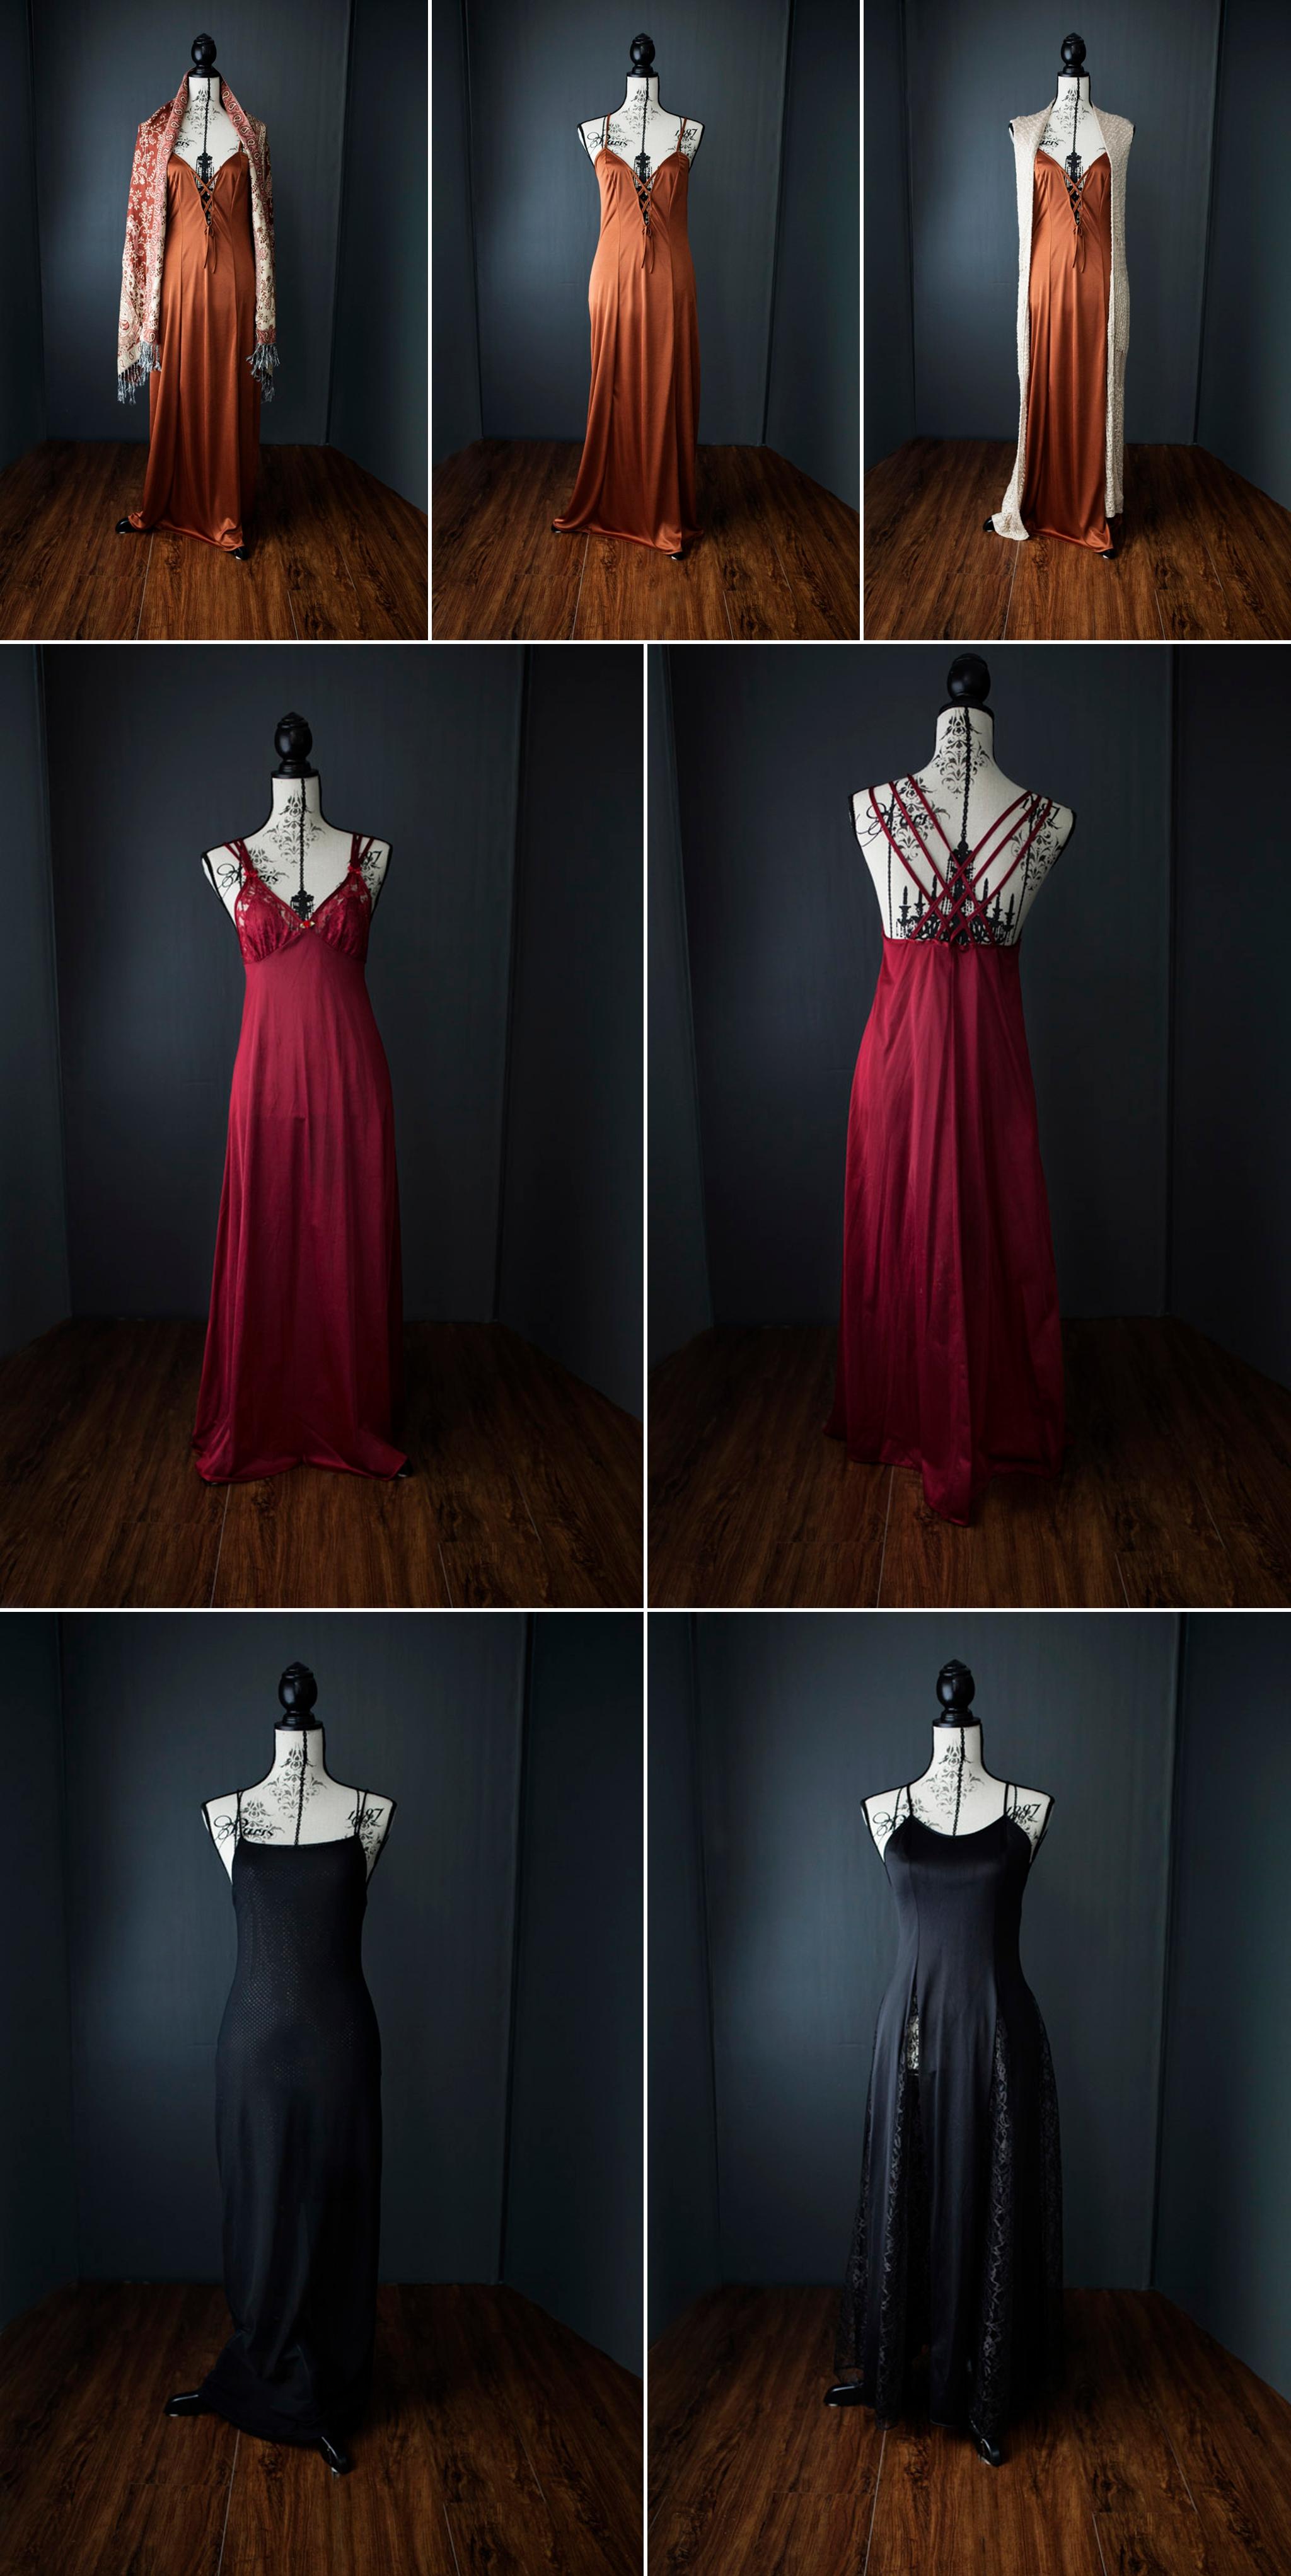 Wardrobe Collage 4